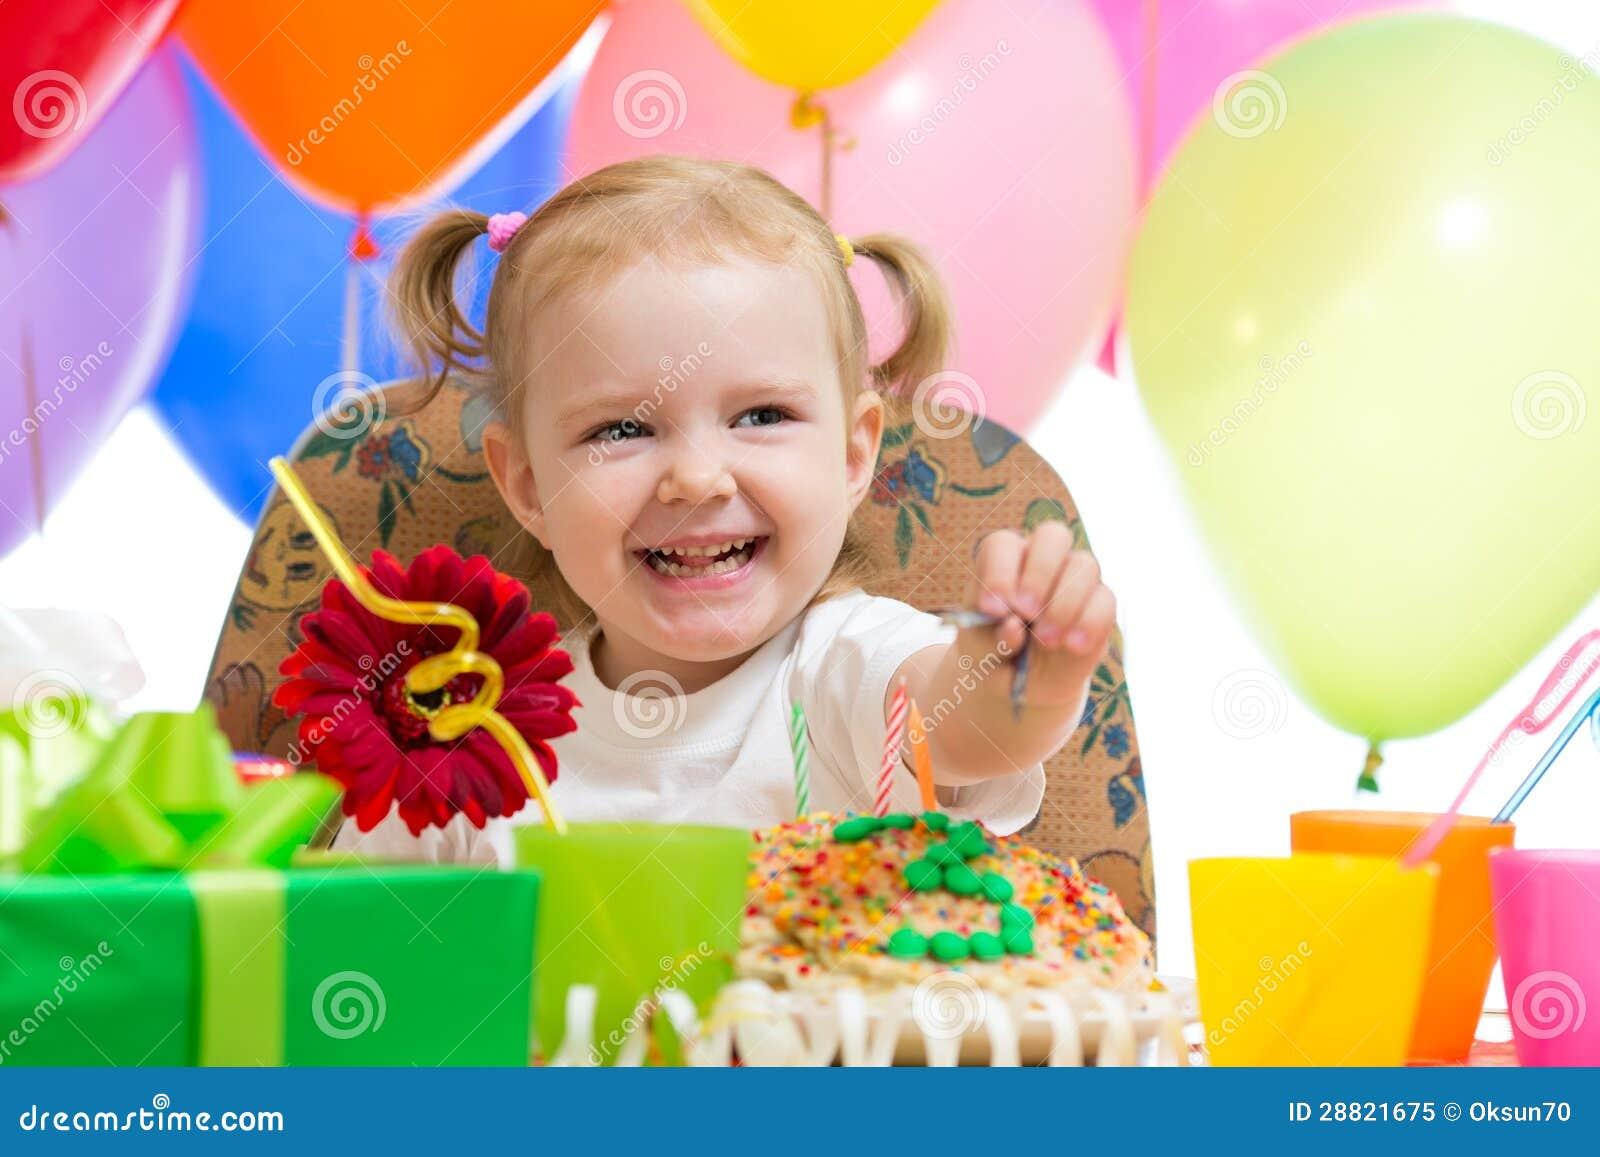 Szczęśliwa dziecko dziewczyna na przyjęciu urodzinowym